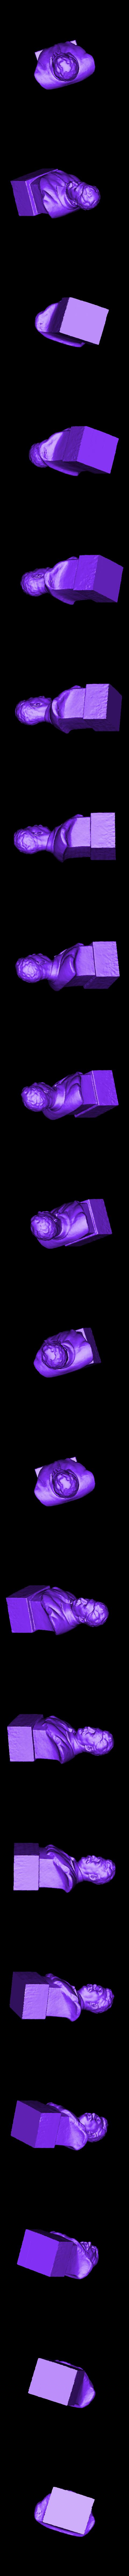 STALINREADY.stl Télécharger fichier STL gratuit Staline BUST du musée GORKI LENINSKIYE • Design pour impression 3D, Boris3dStudio